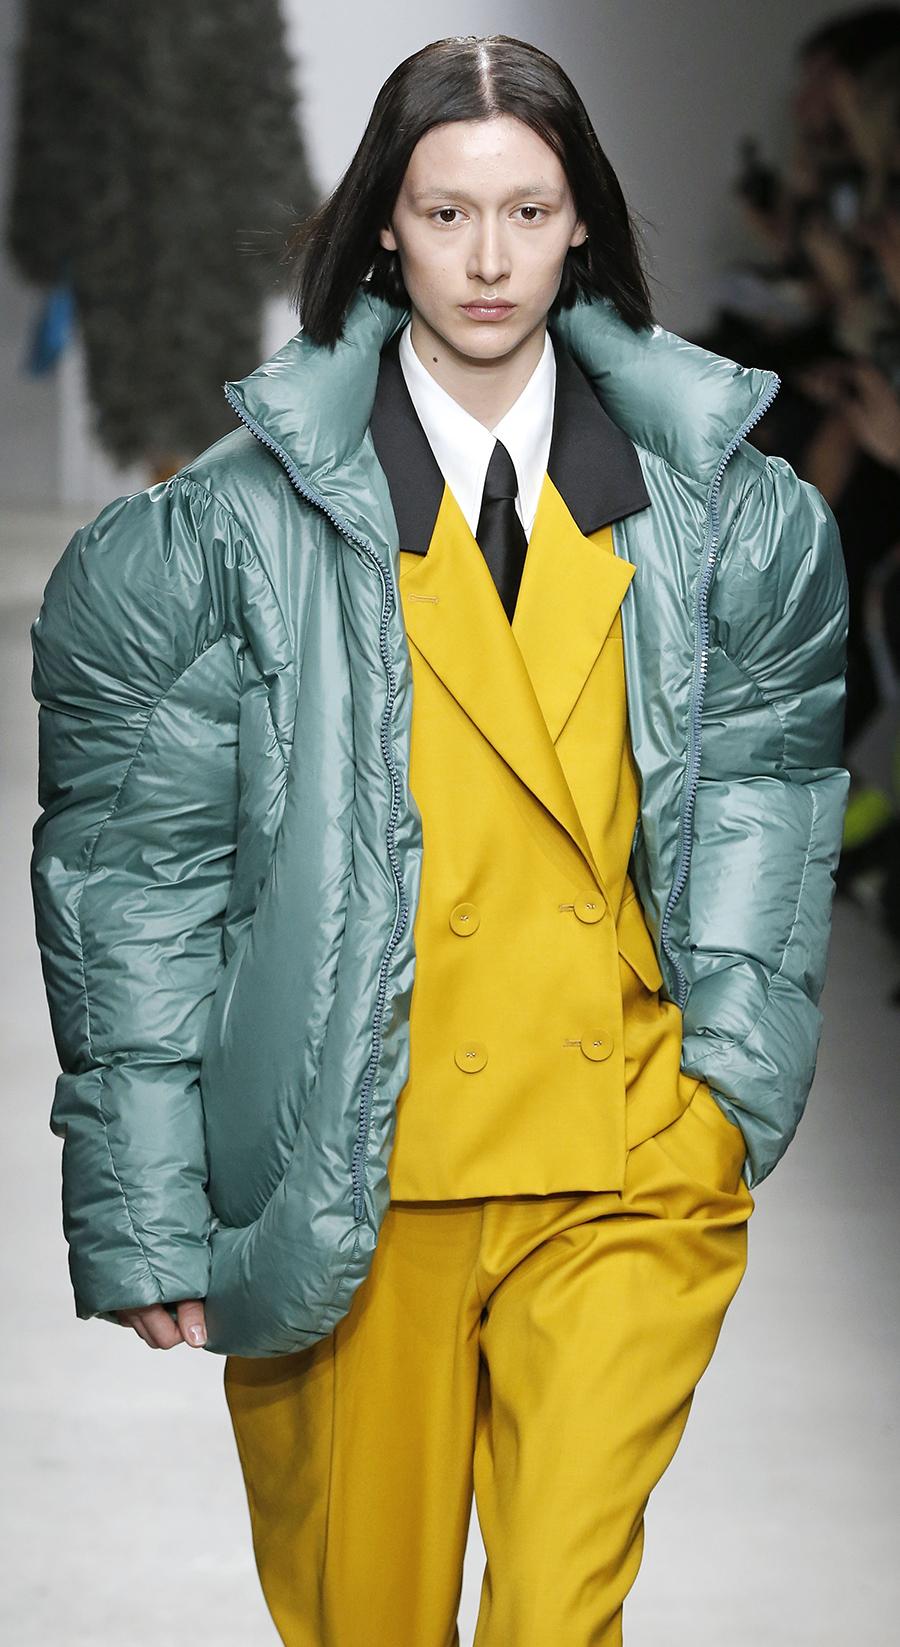 модный пуховик осень зима 2020 2021 короткий пиджак зеленый с объемными рукавами